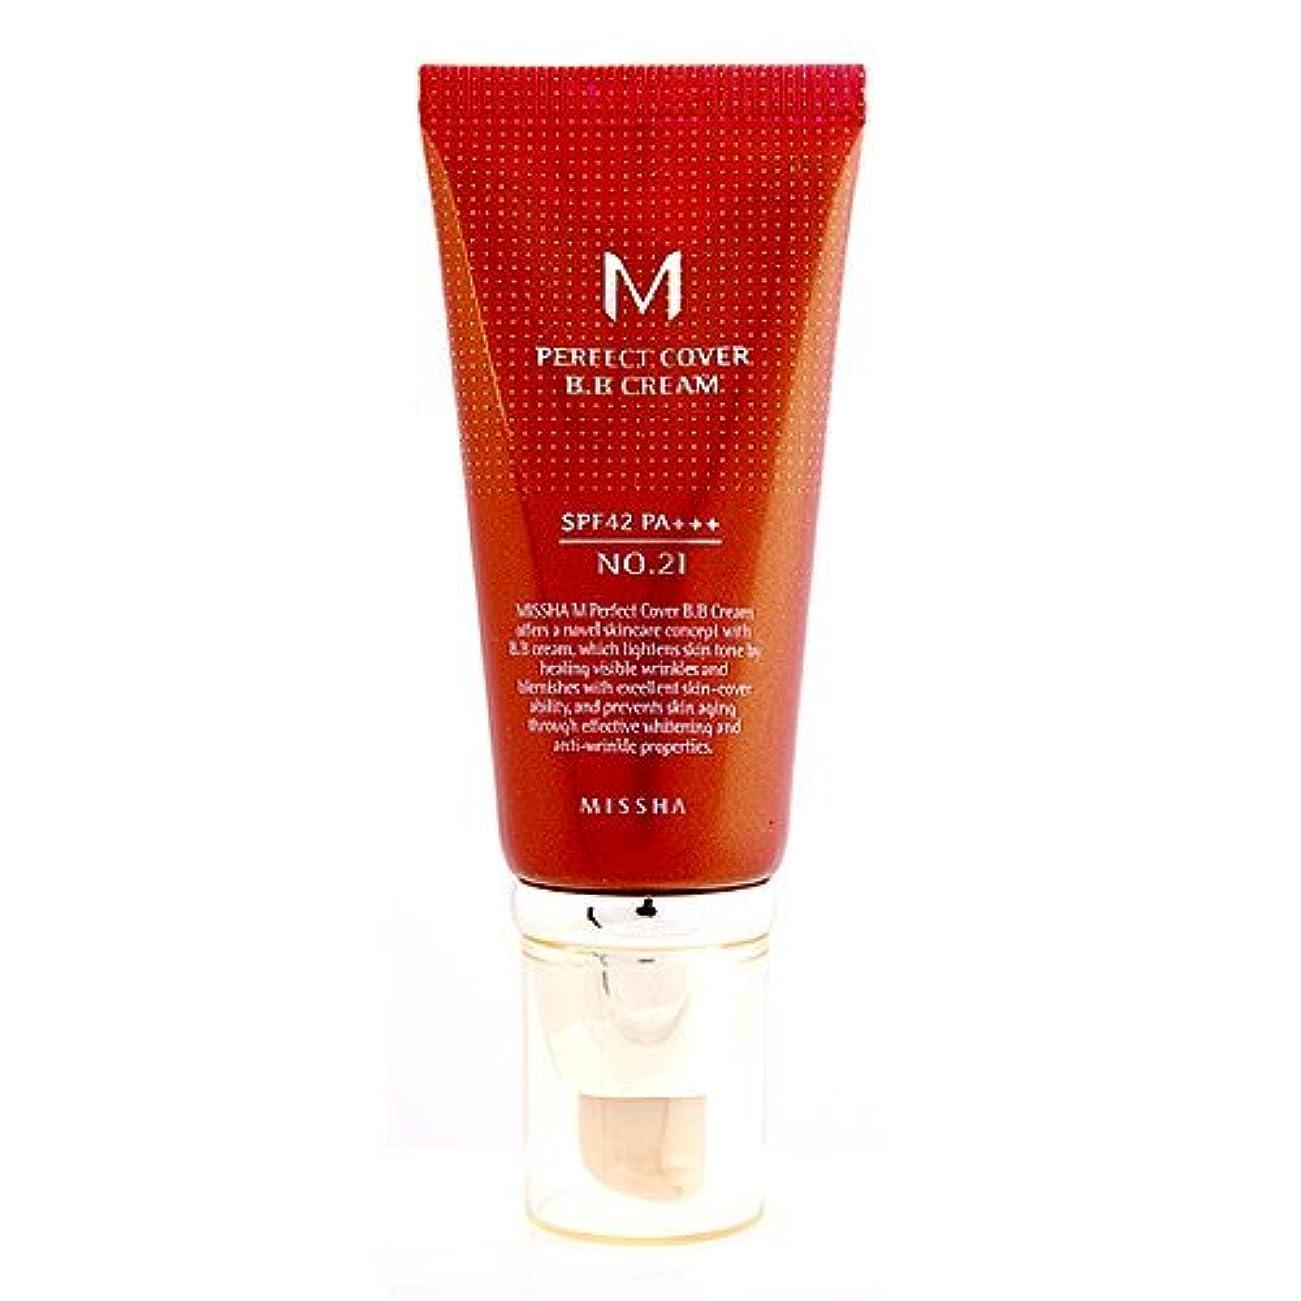 悩む寛解メリーMissha M Perfect Cover B.B. Cream SPF 42 PA+++ 21 Light Beige, 1.69oz, 50ml